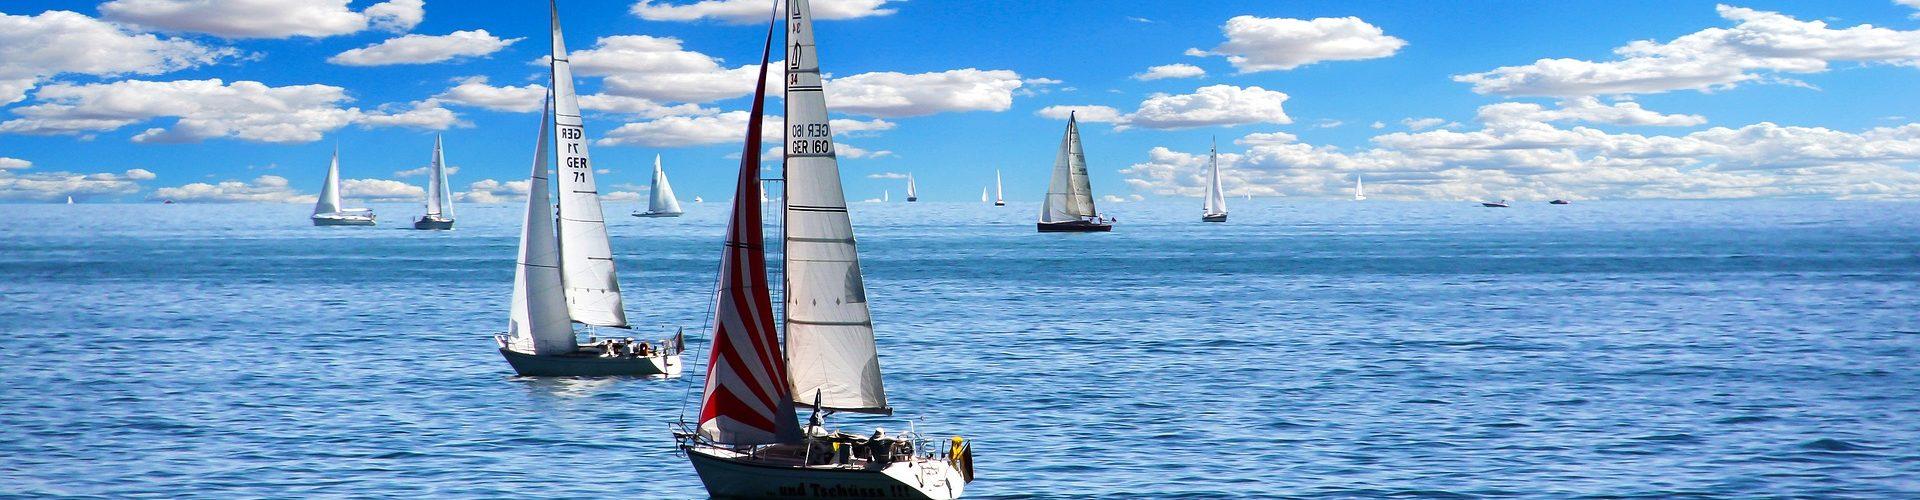 segeln lernen in Rechlin segelschein machen in Rechlin 1920x500 - Segeln lernen in Rechlin